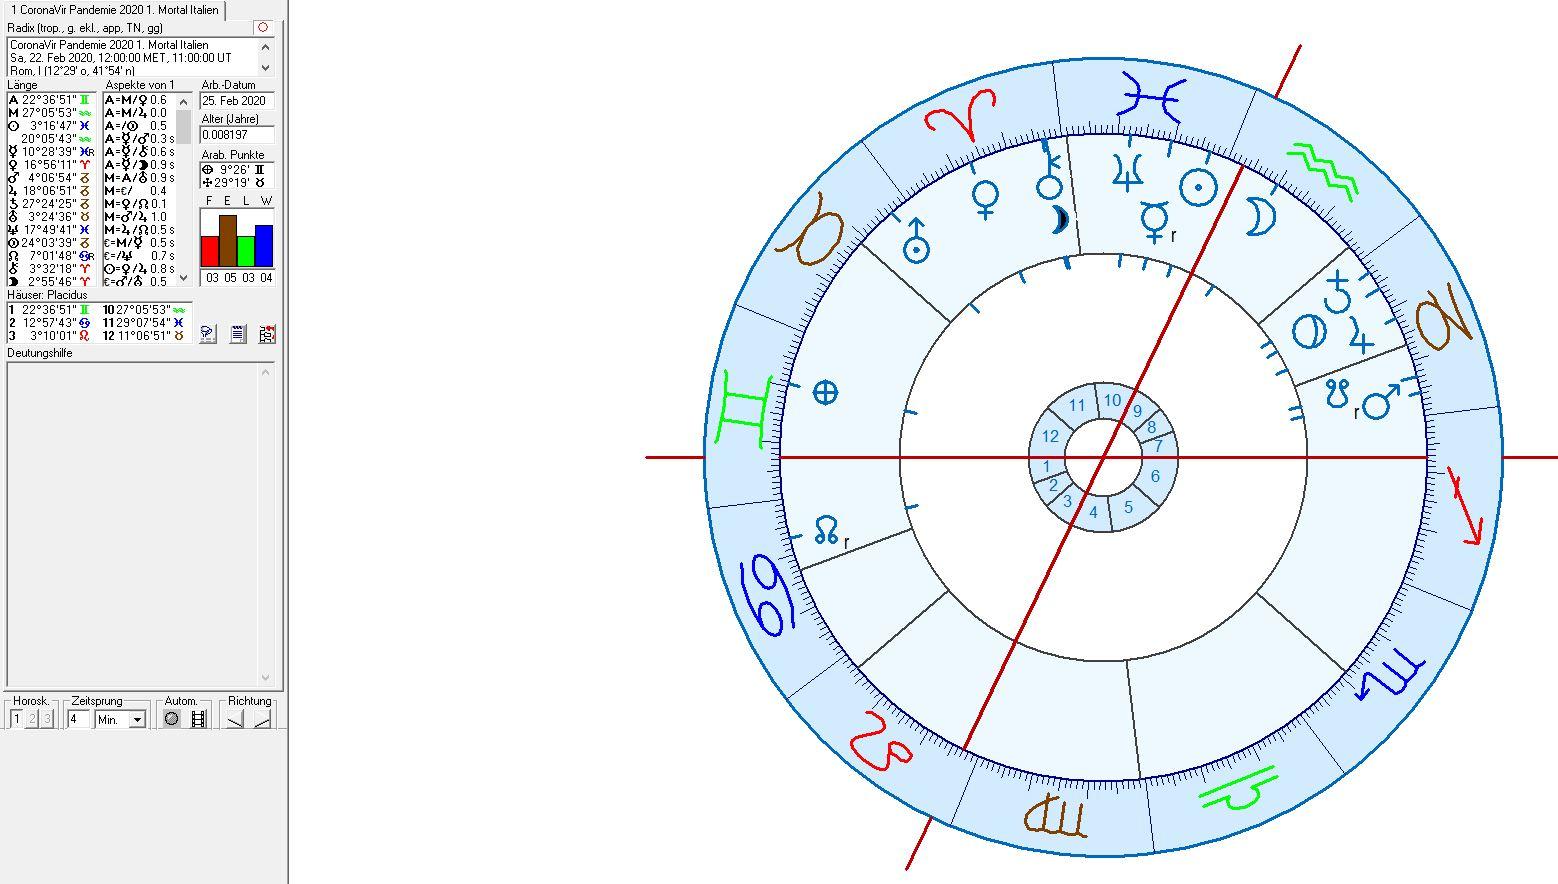 Astrologie und Astrogeographie der SARS - Coronavirus Pandemie in Italien, Deutschland, Europa